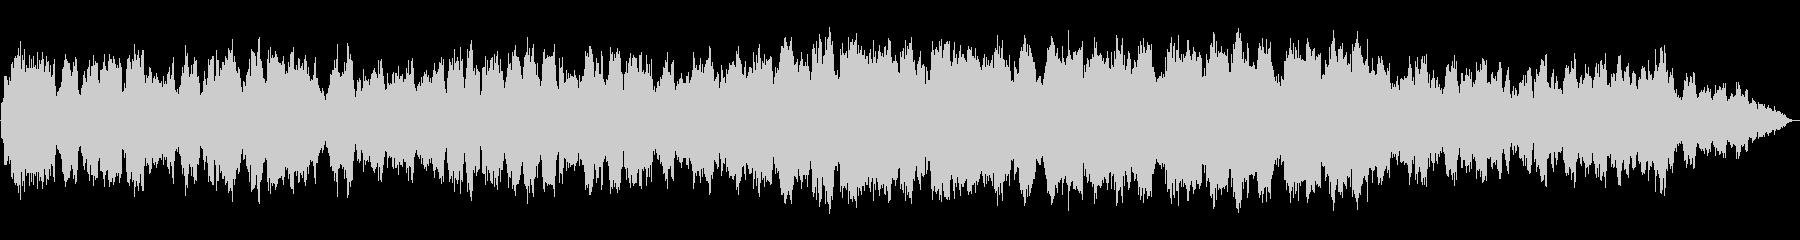 低音の笛の幻想的なゆったりとしたBGMの未再生の波形